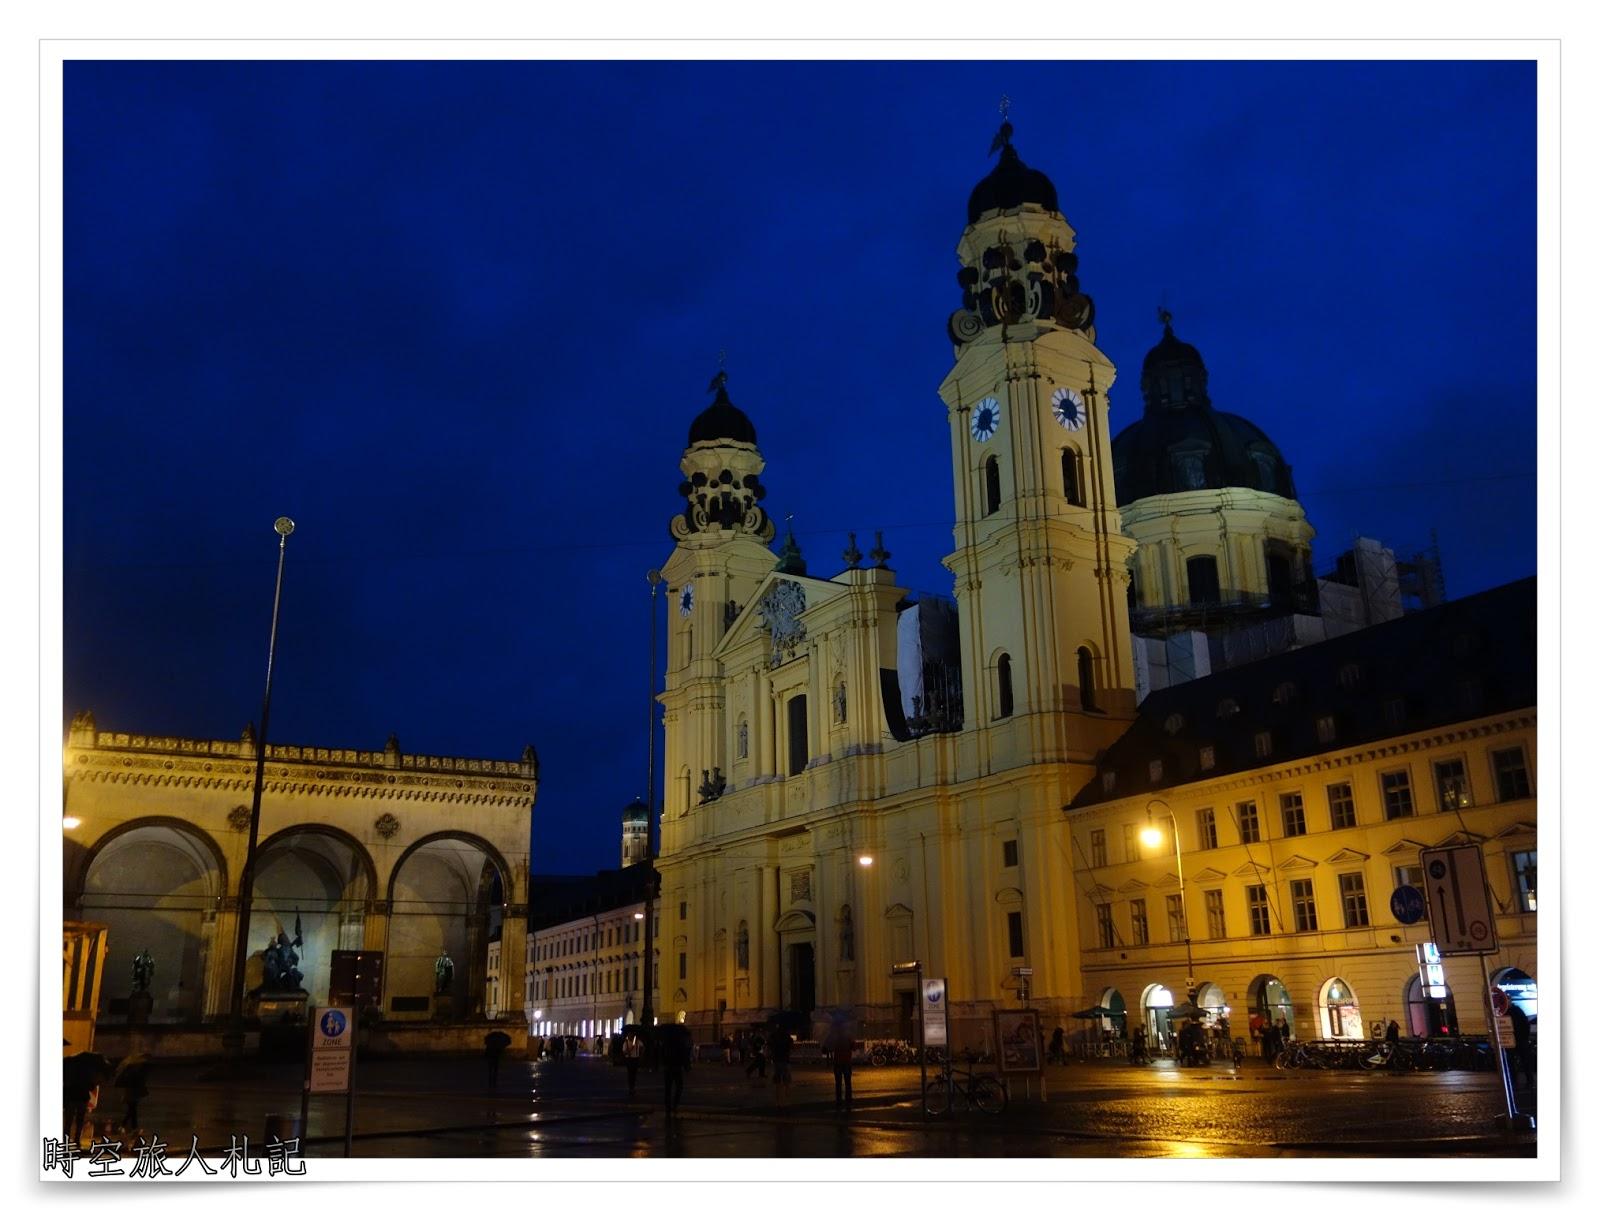 慕尼黑景點 (Part 2): 統帥堂、鐵阿提納教堂、慕尼黑王宮